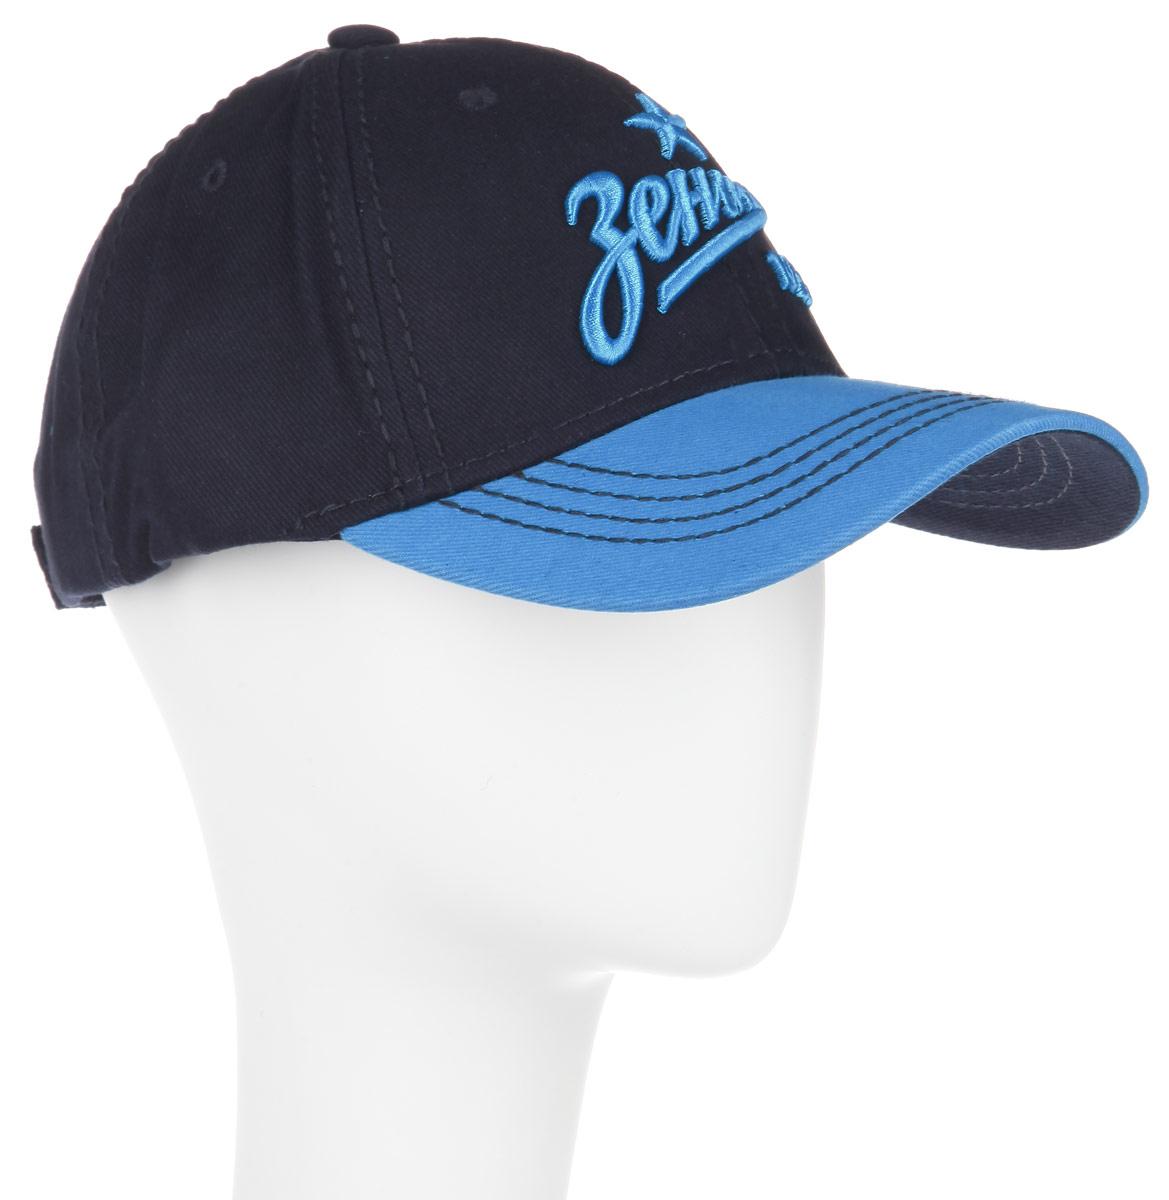 Бейсболка. 1053810538Практичная и удобная бейсболка Зенит, выполненная из высококачественного хлопка, идеально подойдет для активного отдыха и обеспечит надежную защиту головы от солнца. Бейсболка дополнена закругленным твердым козырьком и оформлена вышивкой в виде эмблемы профессиональной хоккейной команды Зенит. Такая бейсболка станет отличным аксессуаром для занятий спортом или дополнит ваш повседневный образ.